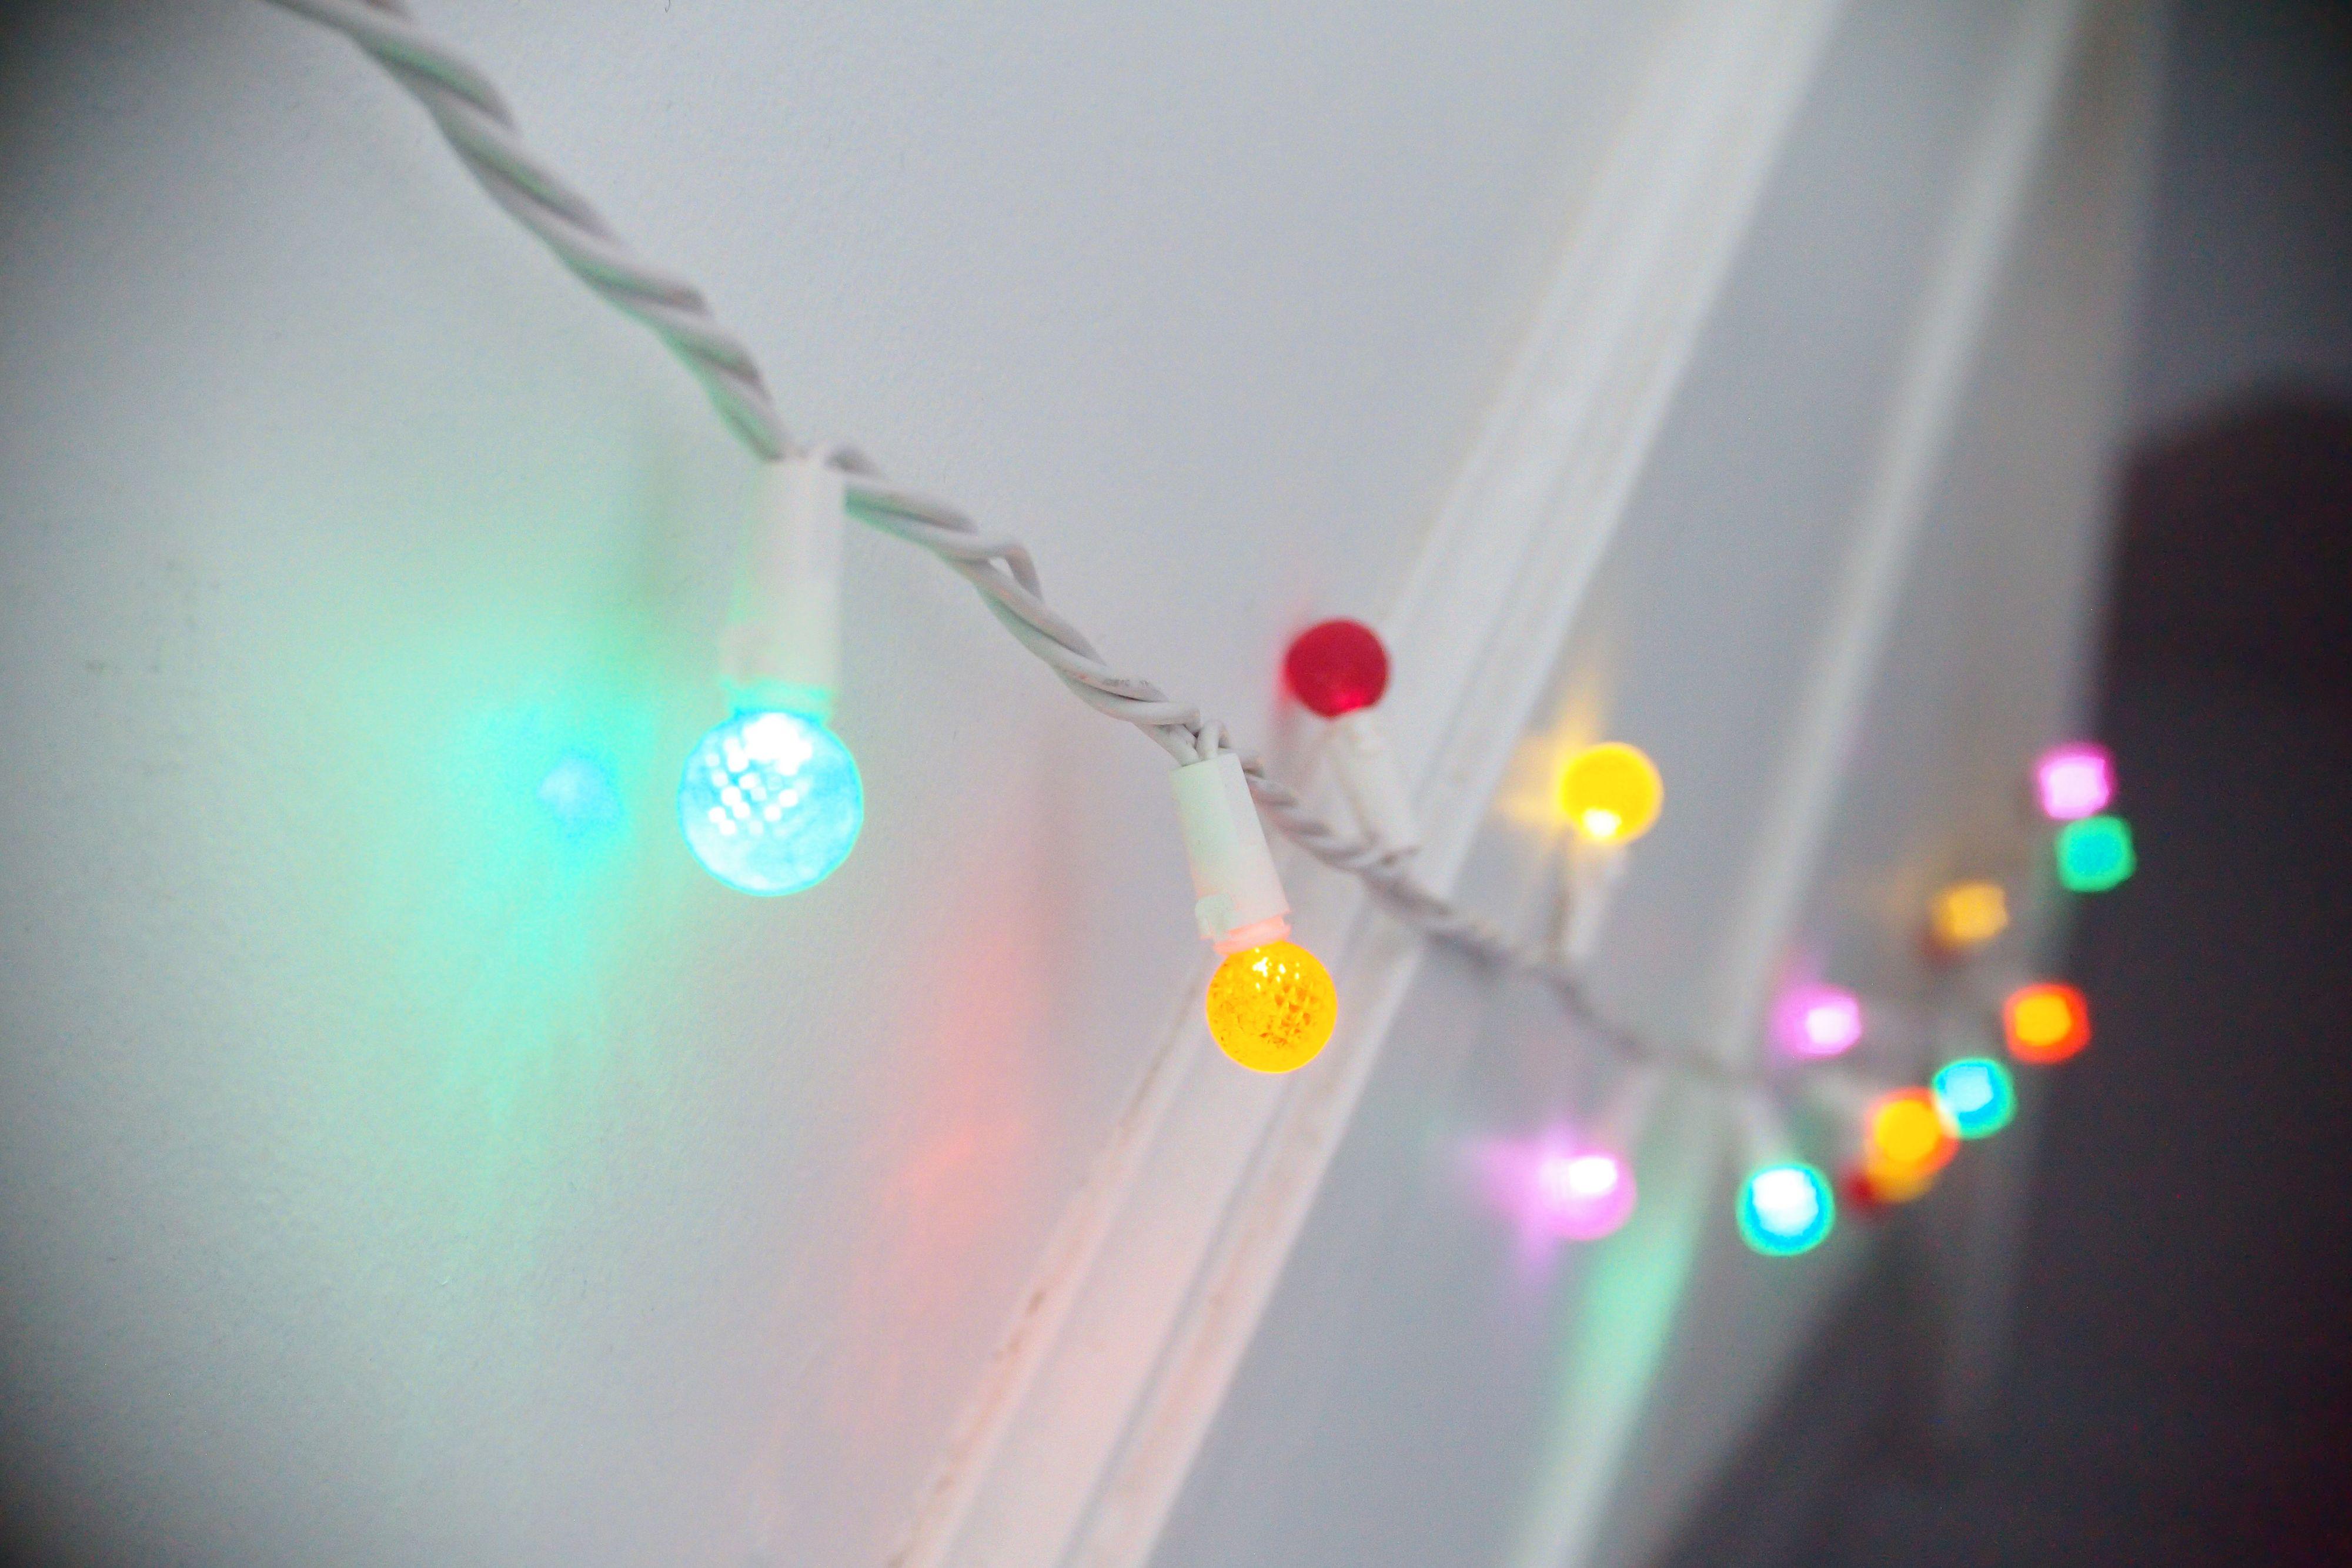 Objektivet gir en rekke effekter som lo-fi, vignettering, lysslekking og tilt-shift, som endres med blenderen.Foto: photojojo.com, Akam.no